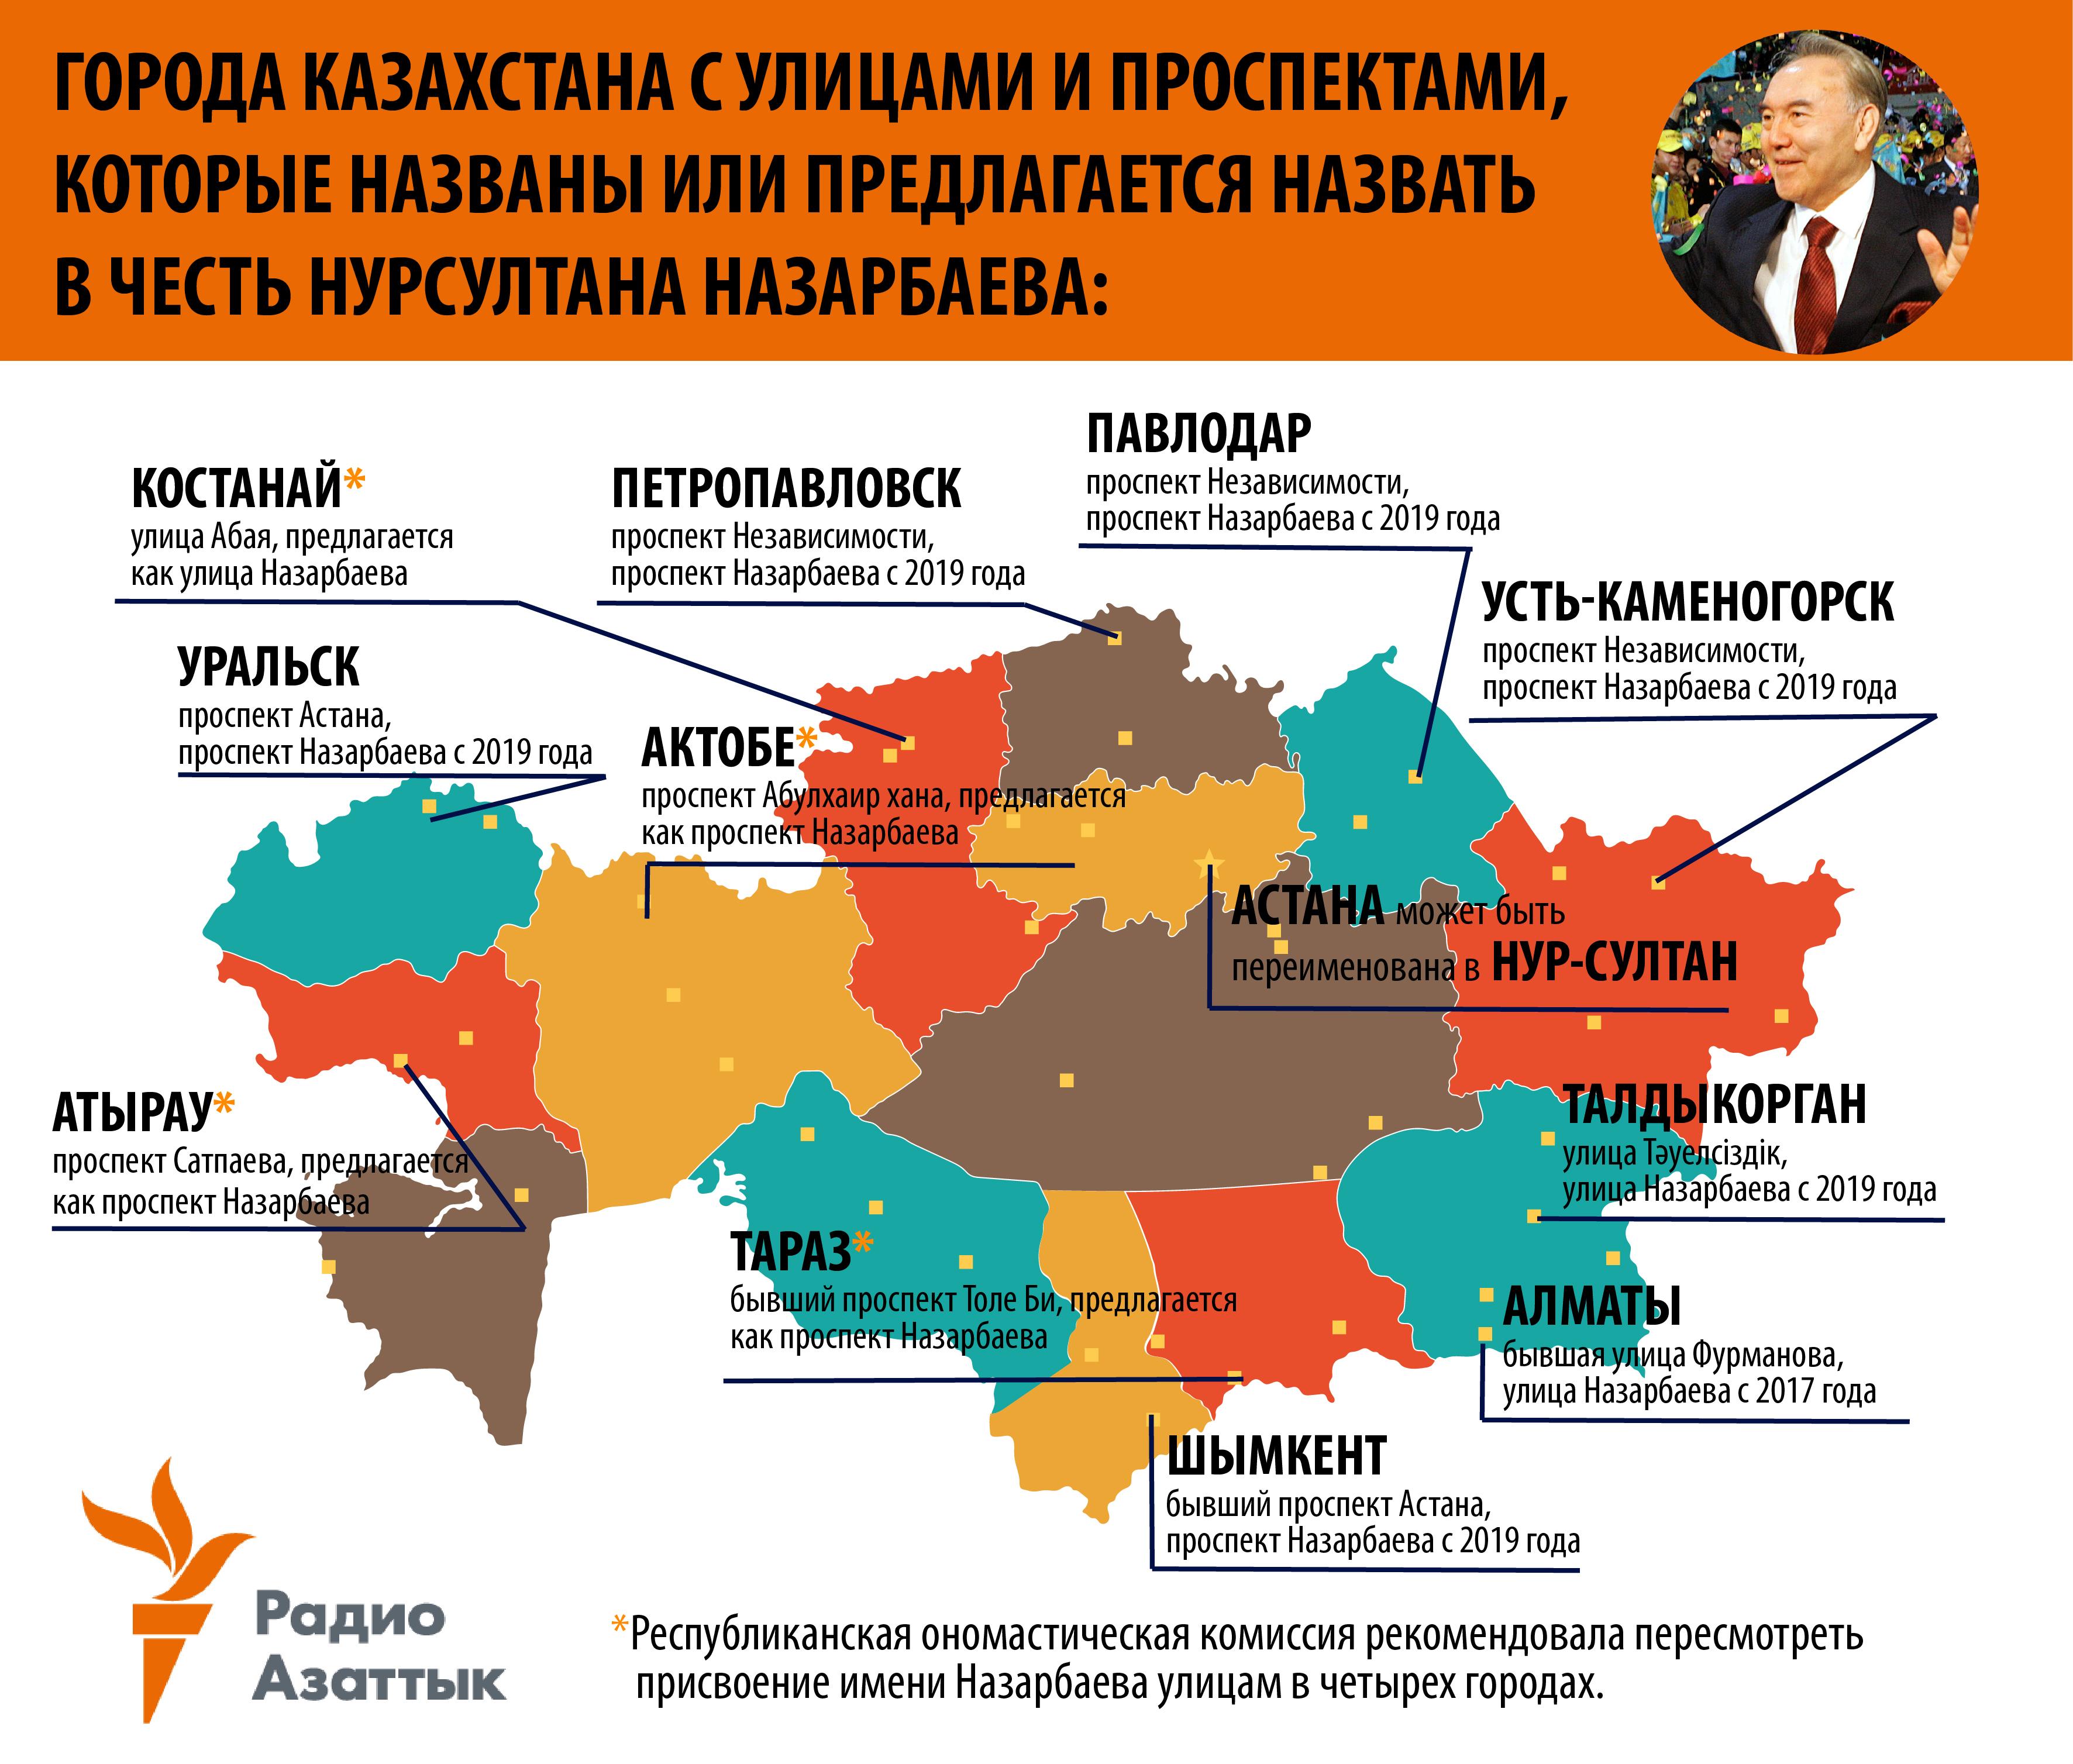 Pereimenovaniya V Chest Nazarbaeva Na Karte Kazahstana